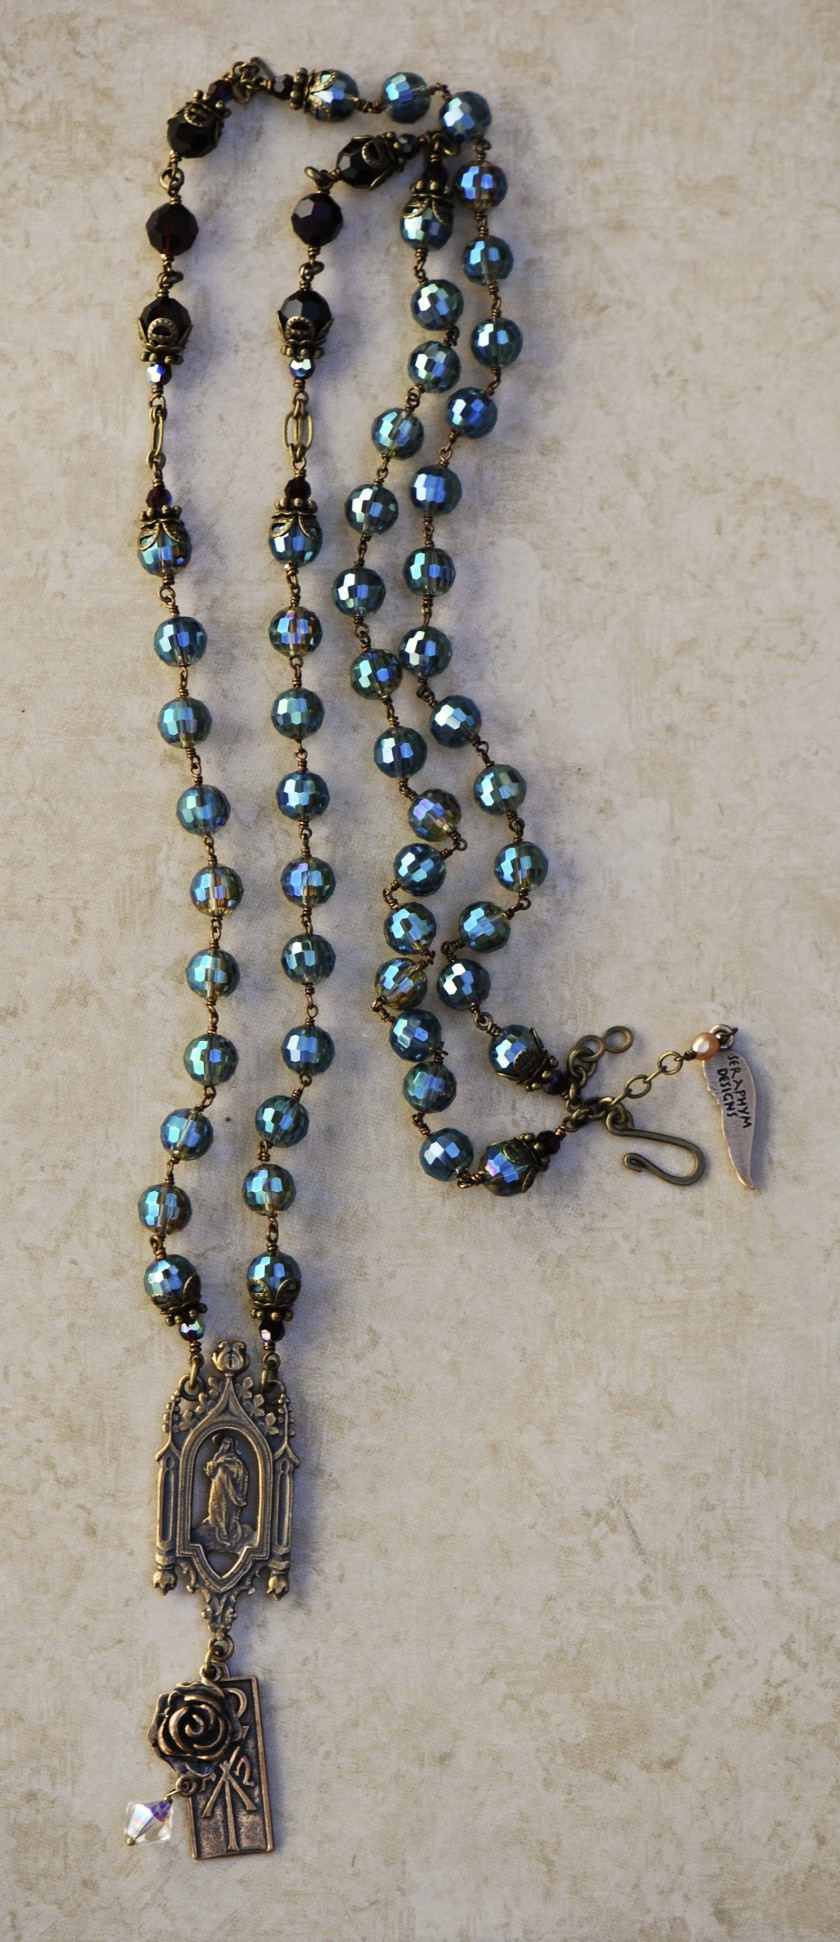 The Seraphym Necklace of Prayer (Aqua)